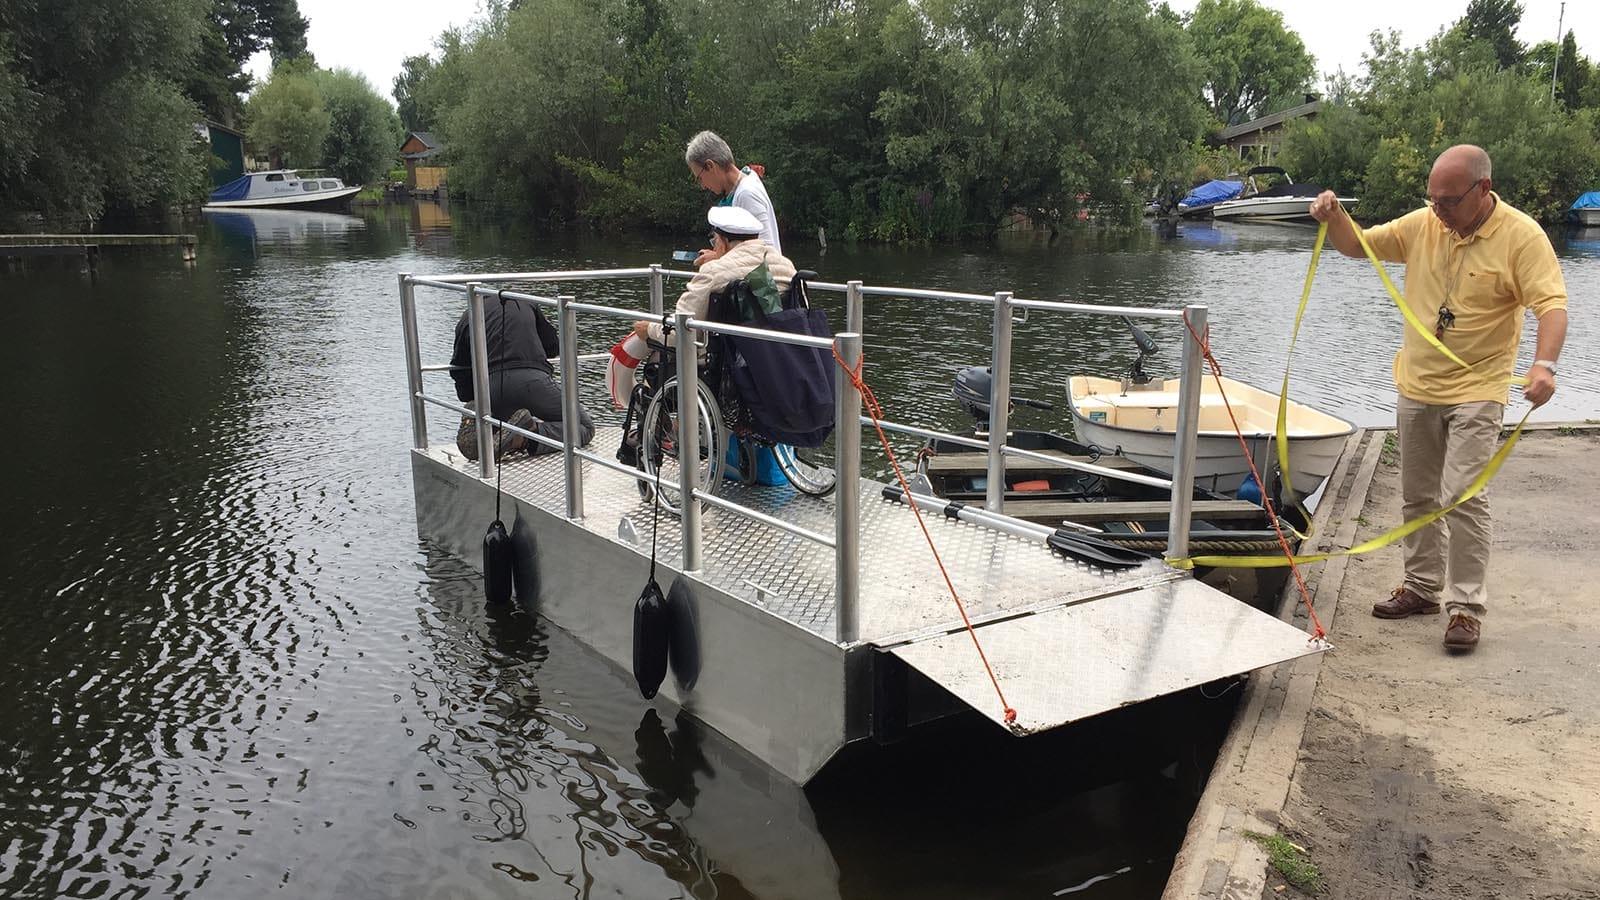 AluminiumJon.nl - Ponton 4 meter - Aluminium custom build pontons o.a. geschiktvoor havendiensten